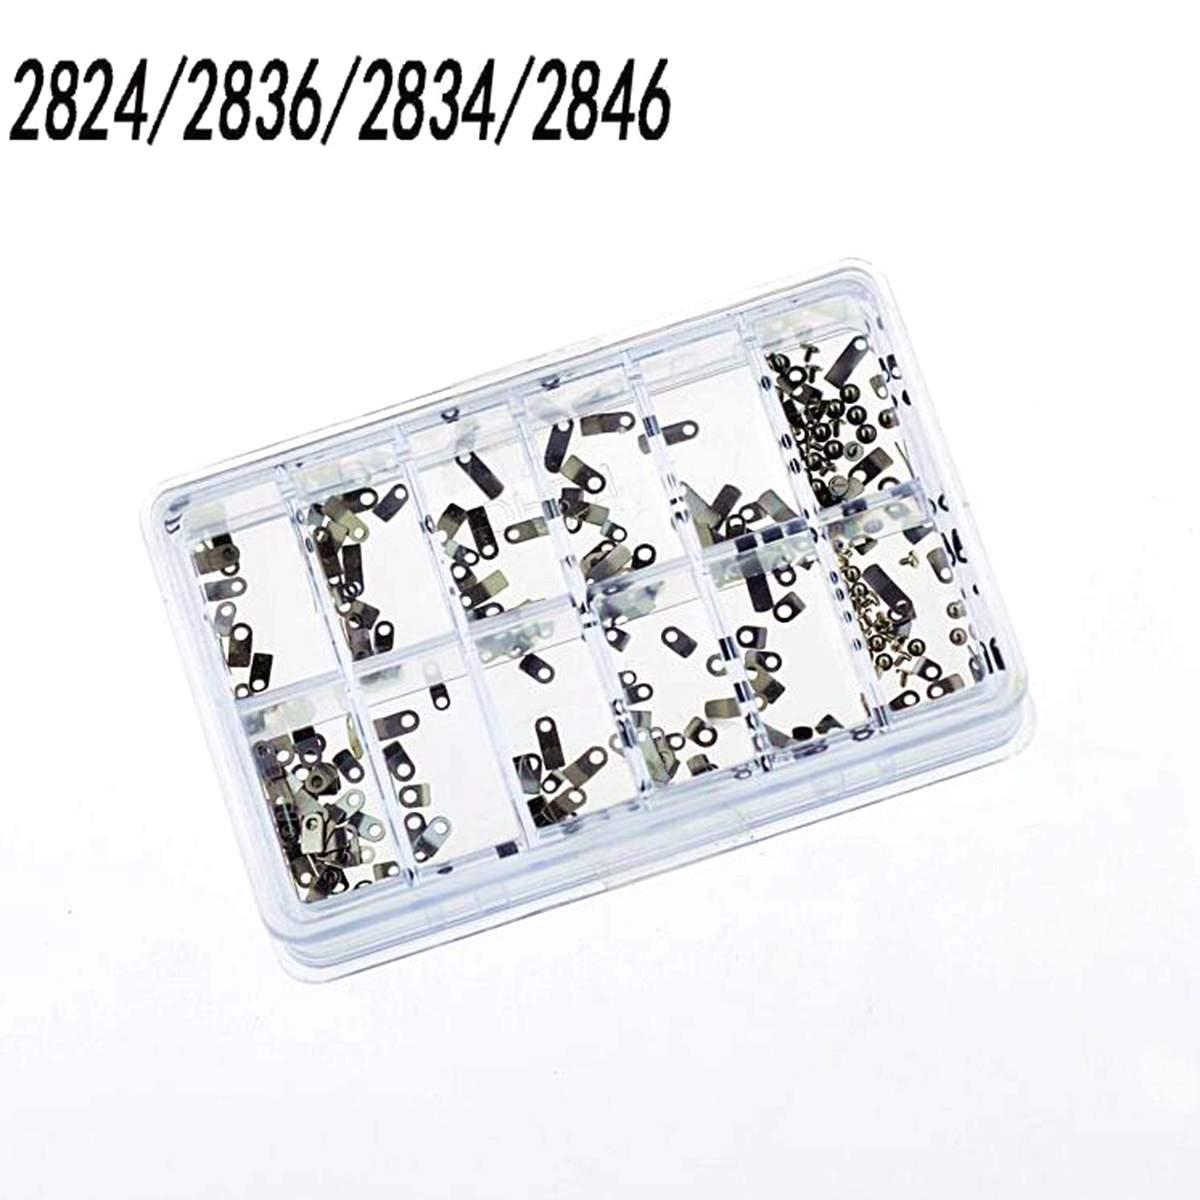 1 Box Uhr Gehäuse Clamp Bewegung Adapter Sicherung Schraube Washer Für Eta 2824 2836 2834 Metall Uhren Reparatur Werkzeuge Zubehör Einfach Und Leicht Zu Handhaben